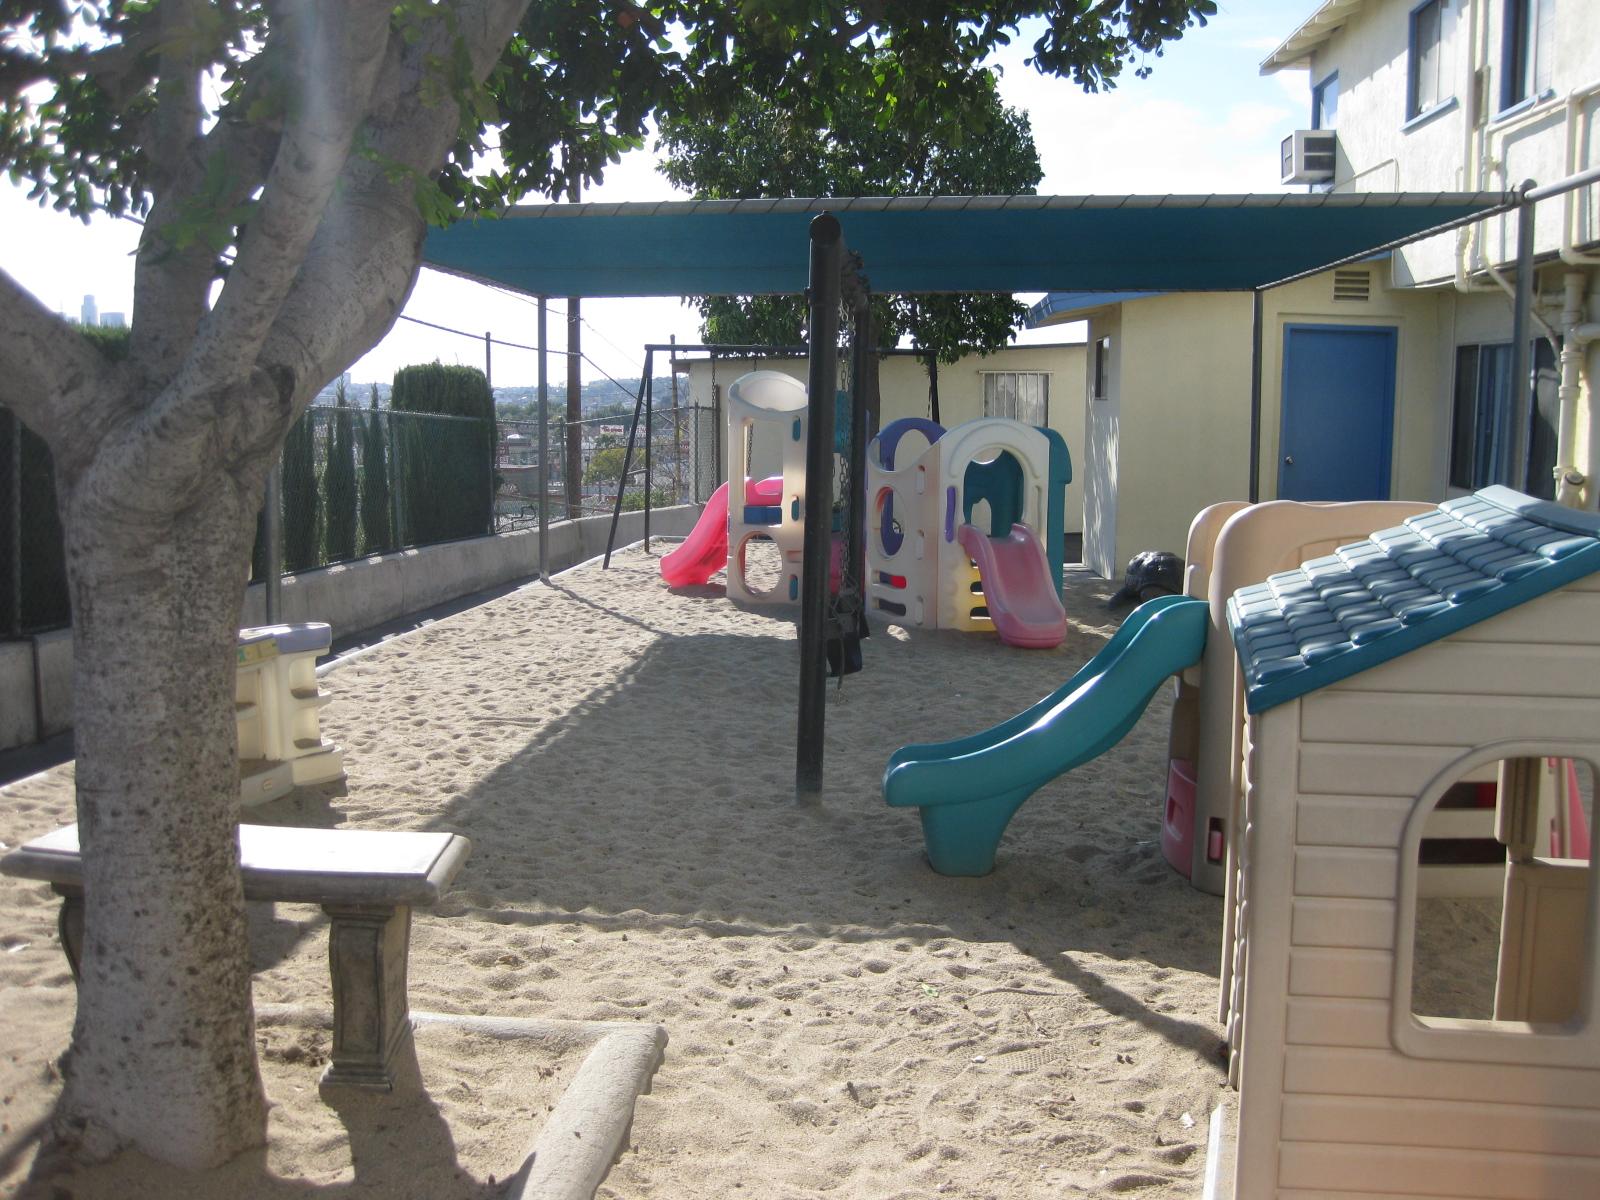 Little Flower Pre-School Playground